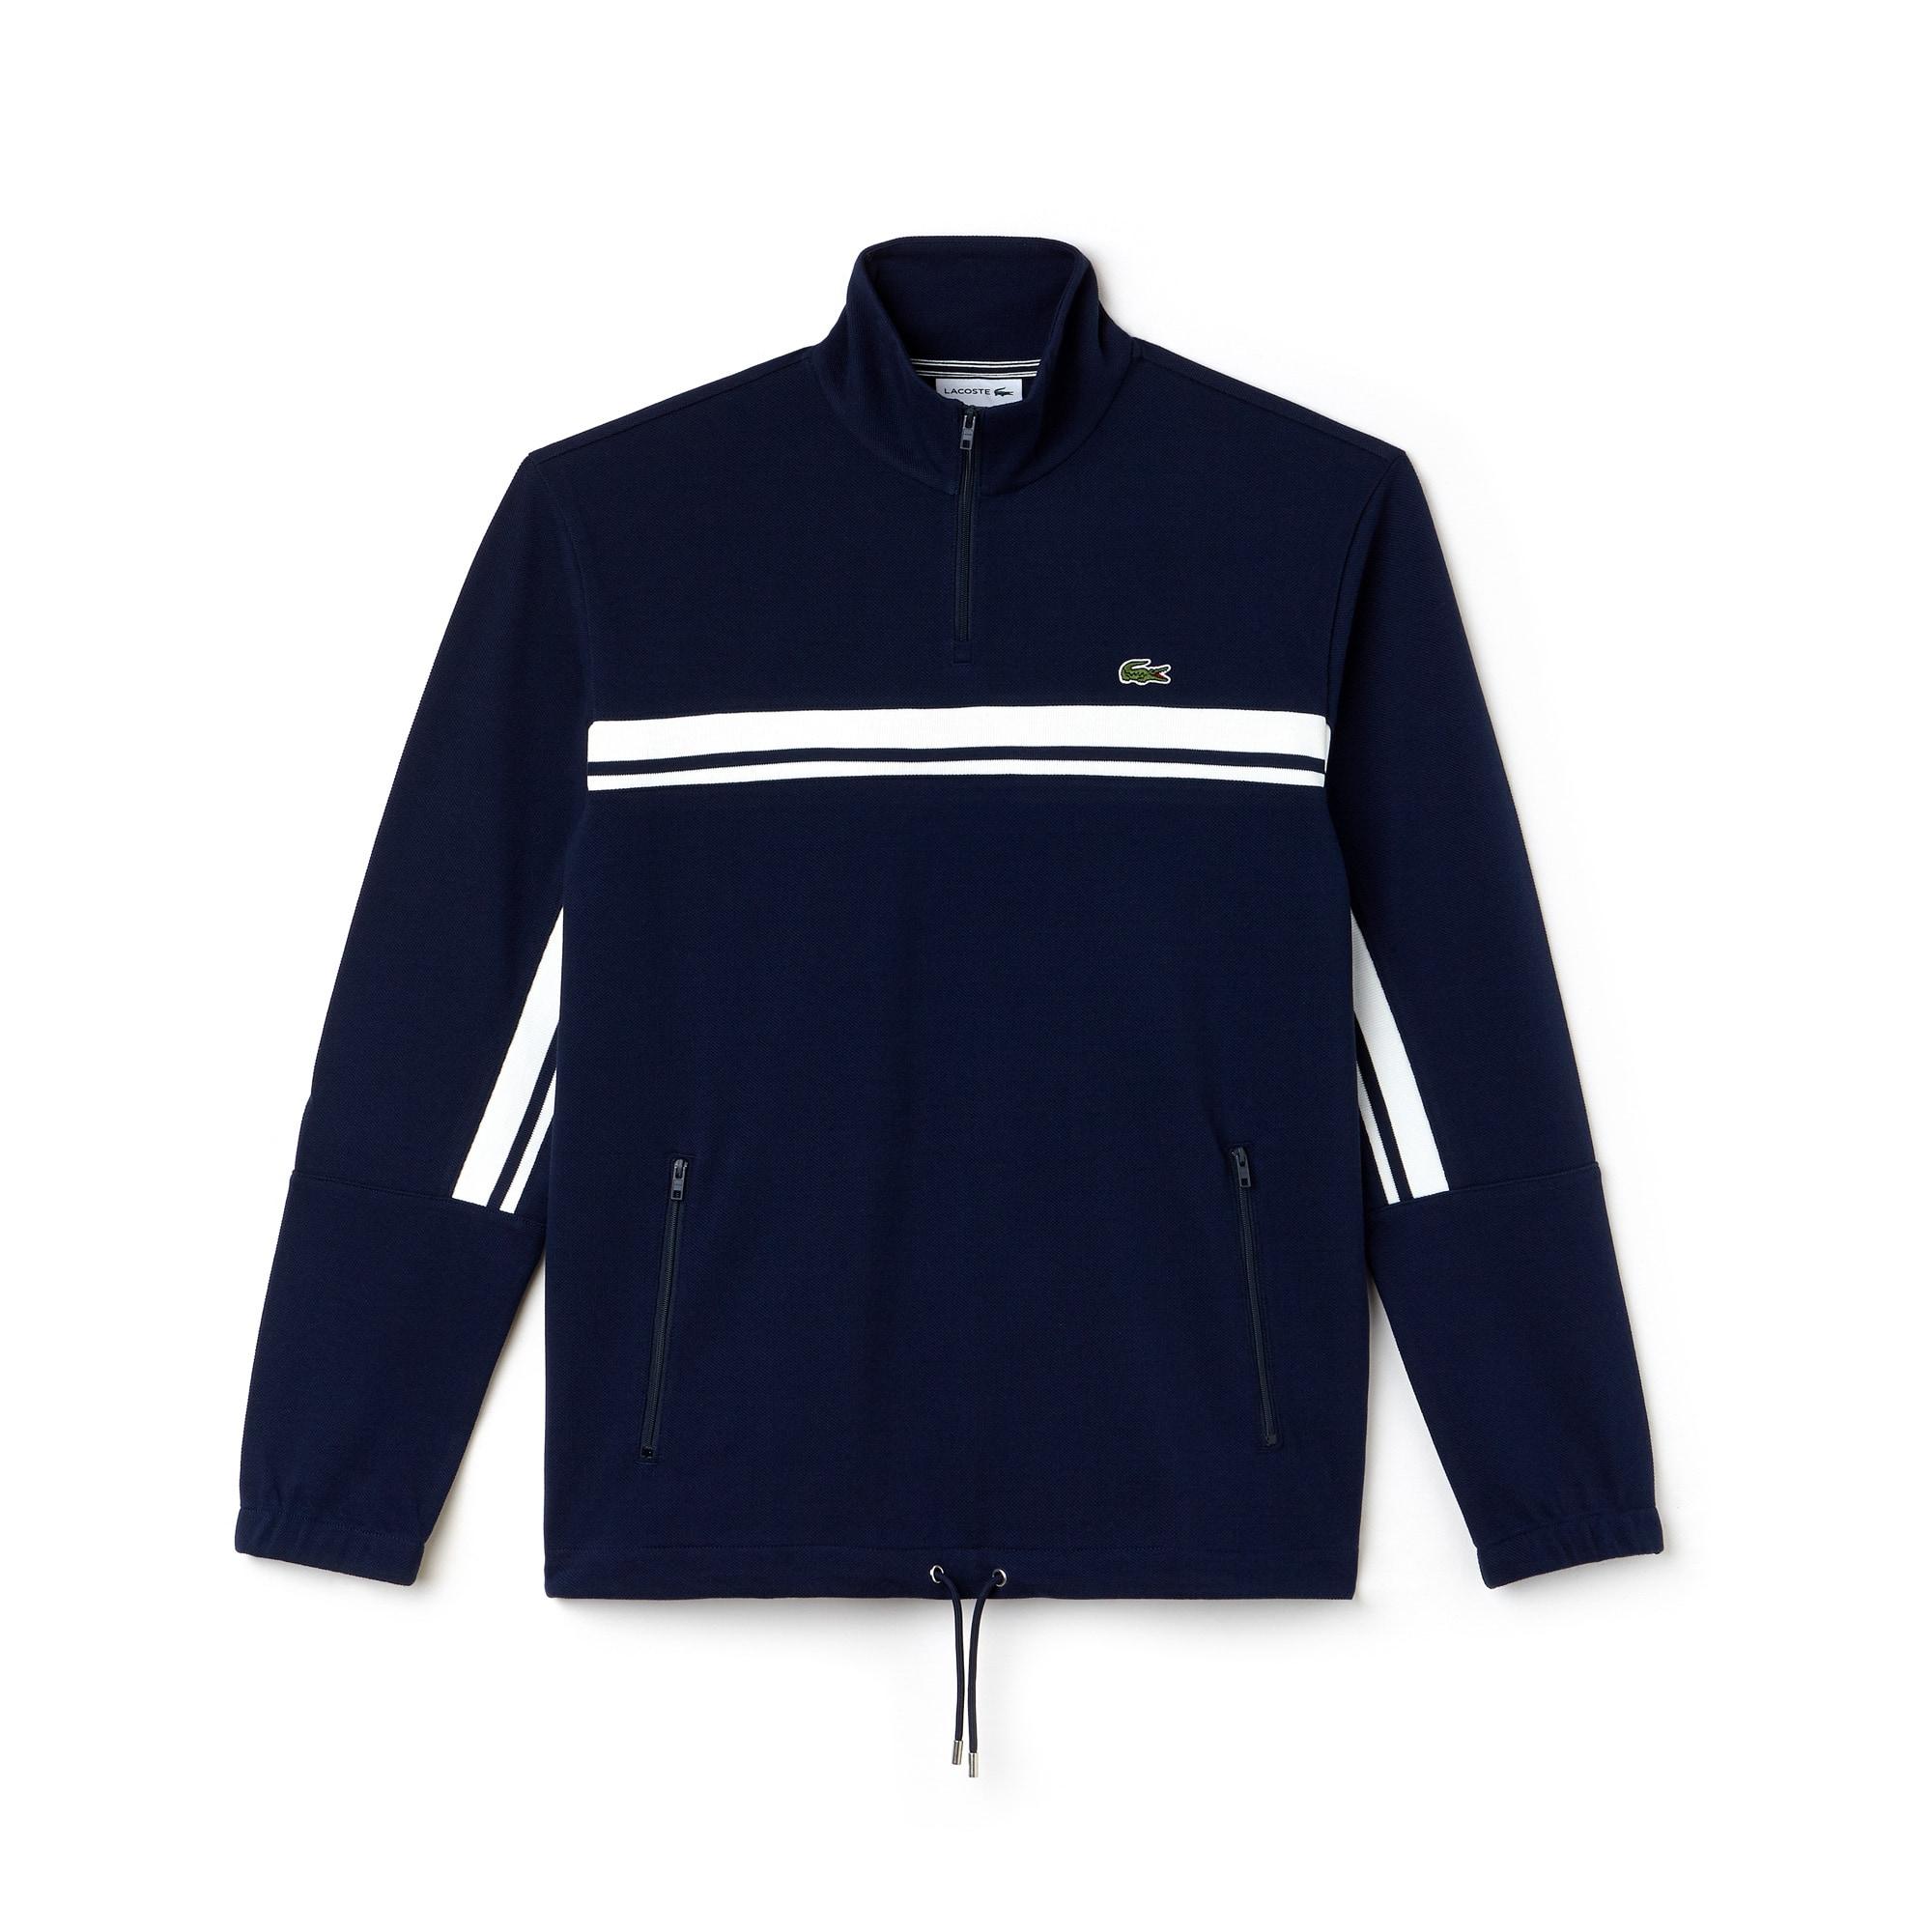 Men's Zip Stand-Up Collar Piqué Sweater